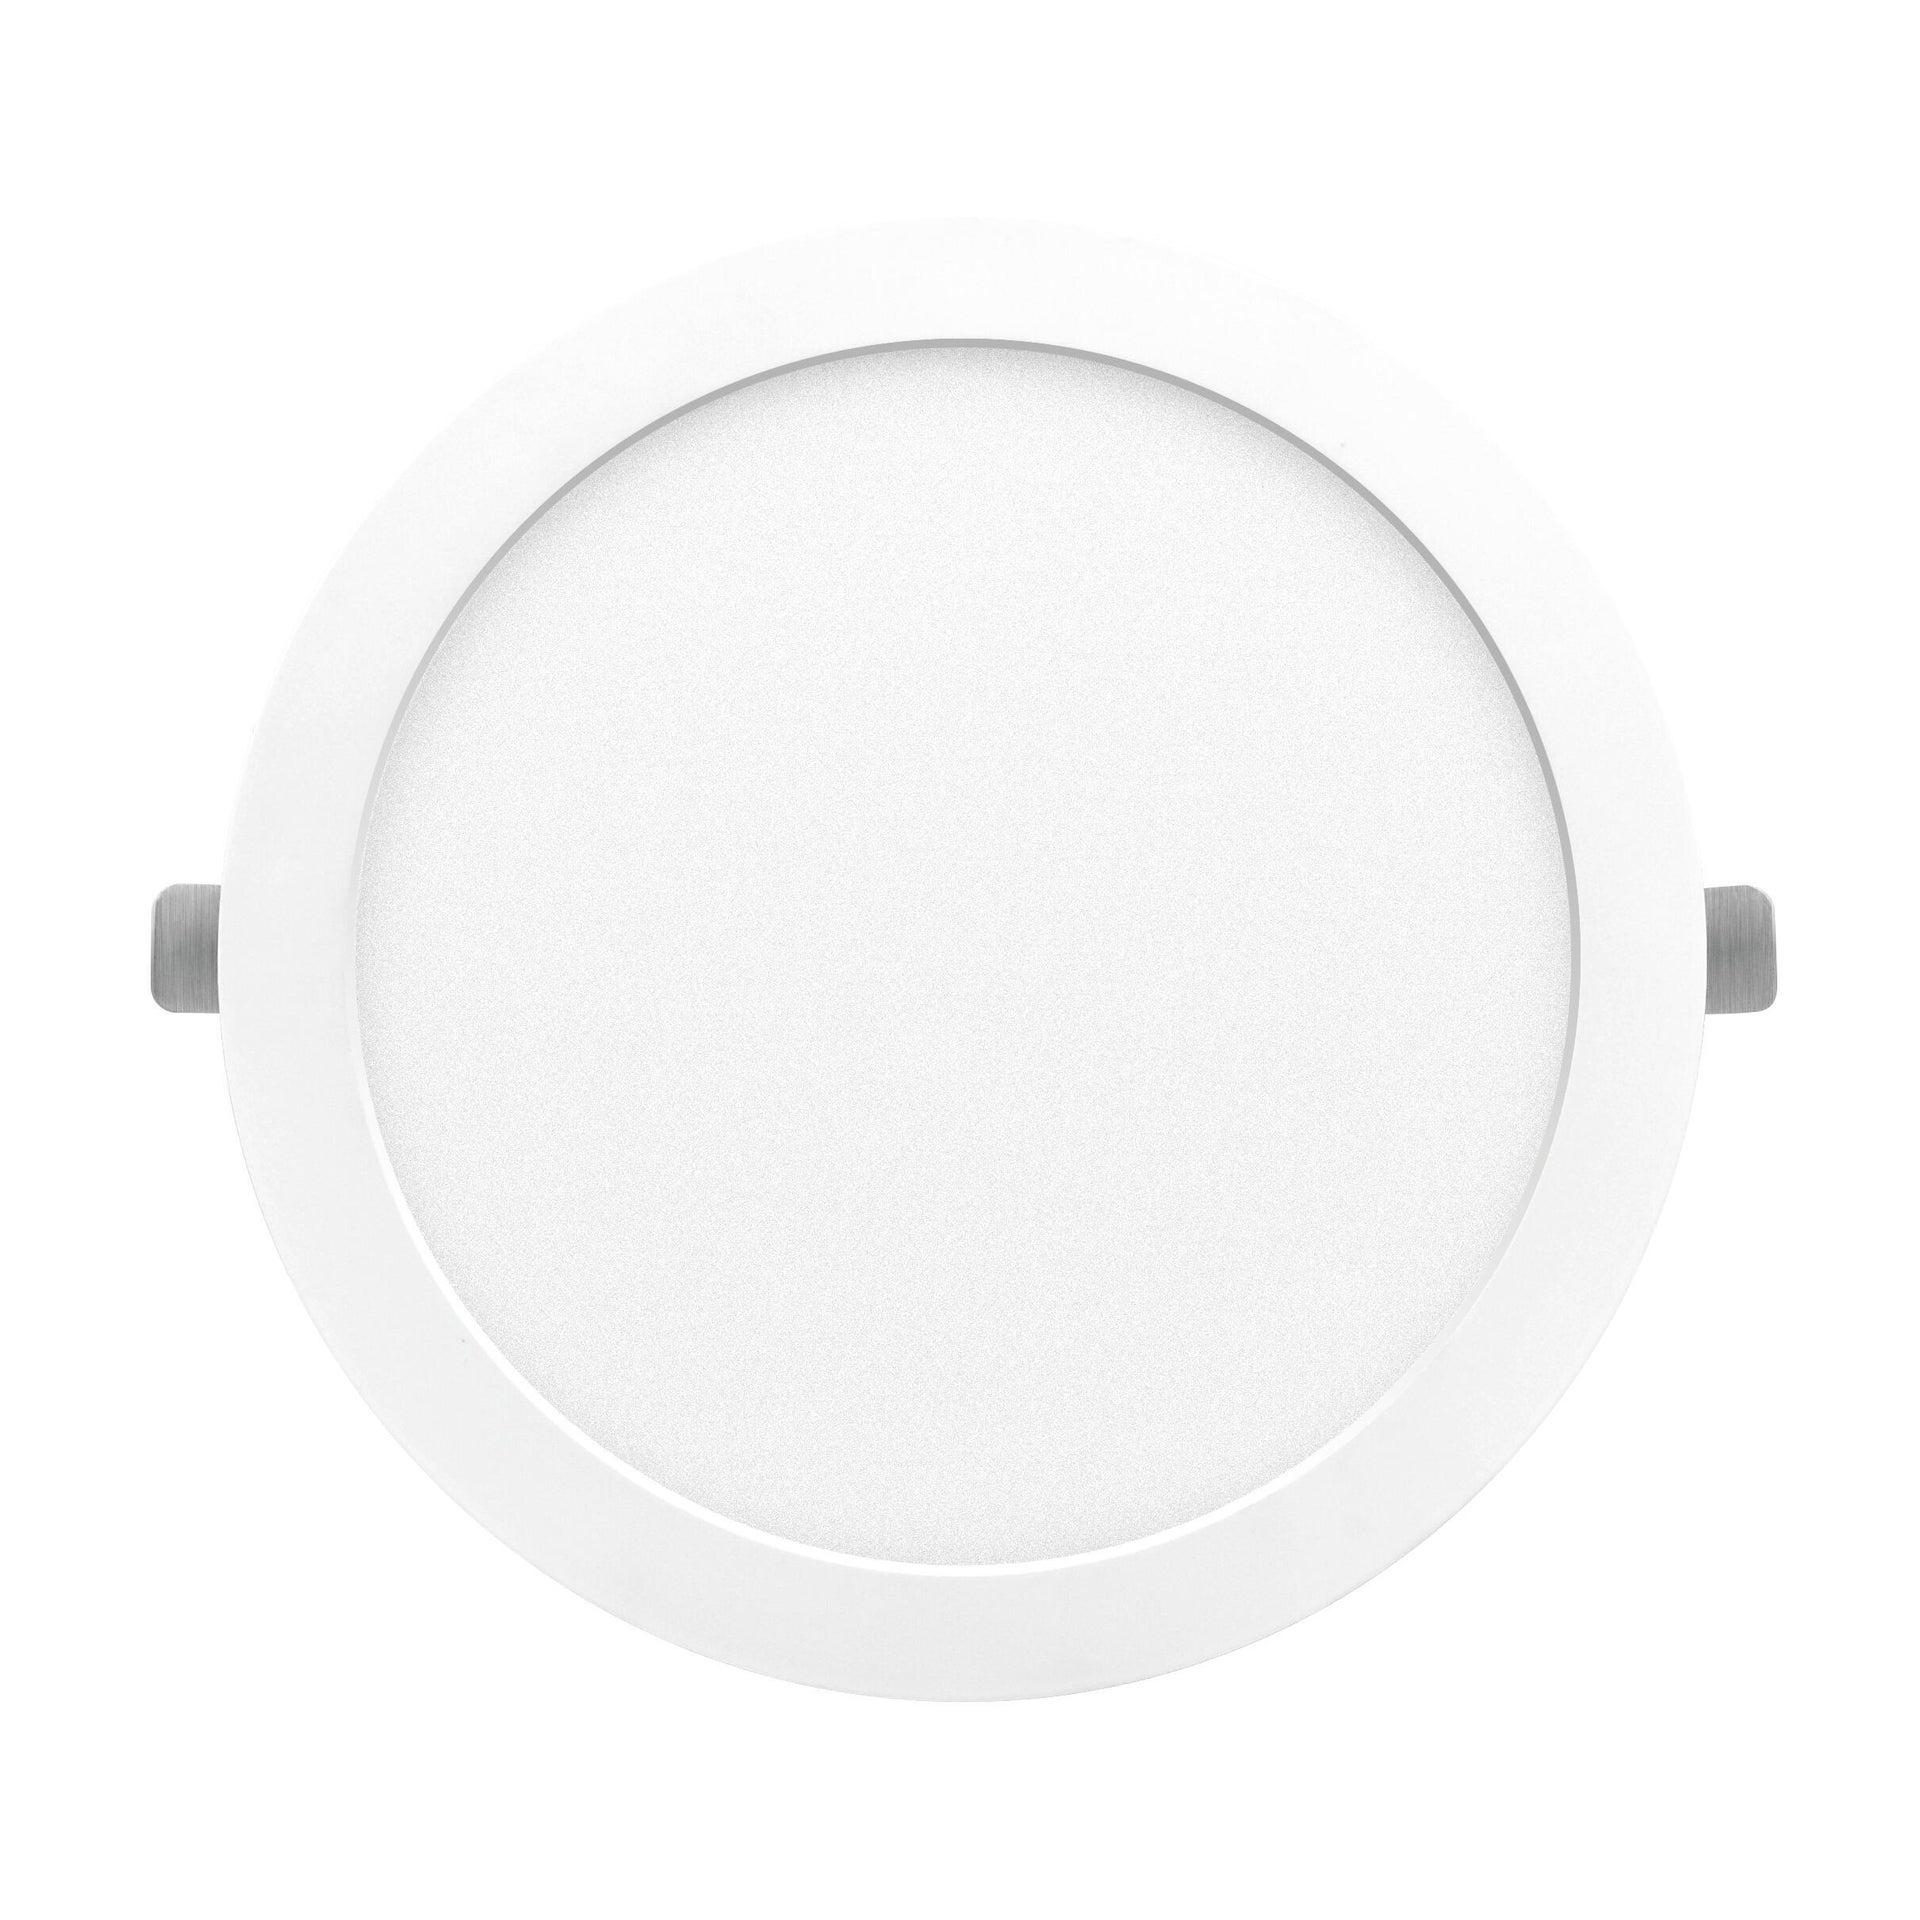 Faretto fisso da incasso tondo Valentine bianco, diam. 21.5 cm LED integrato 18W 1550LM IP20 - 1